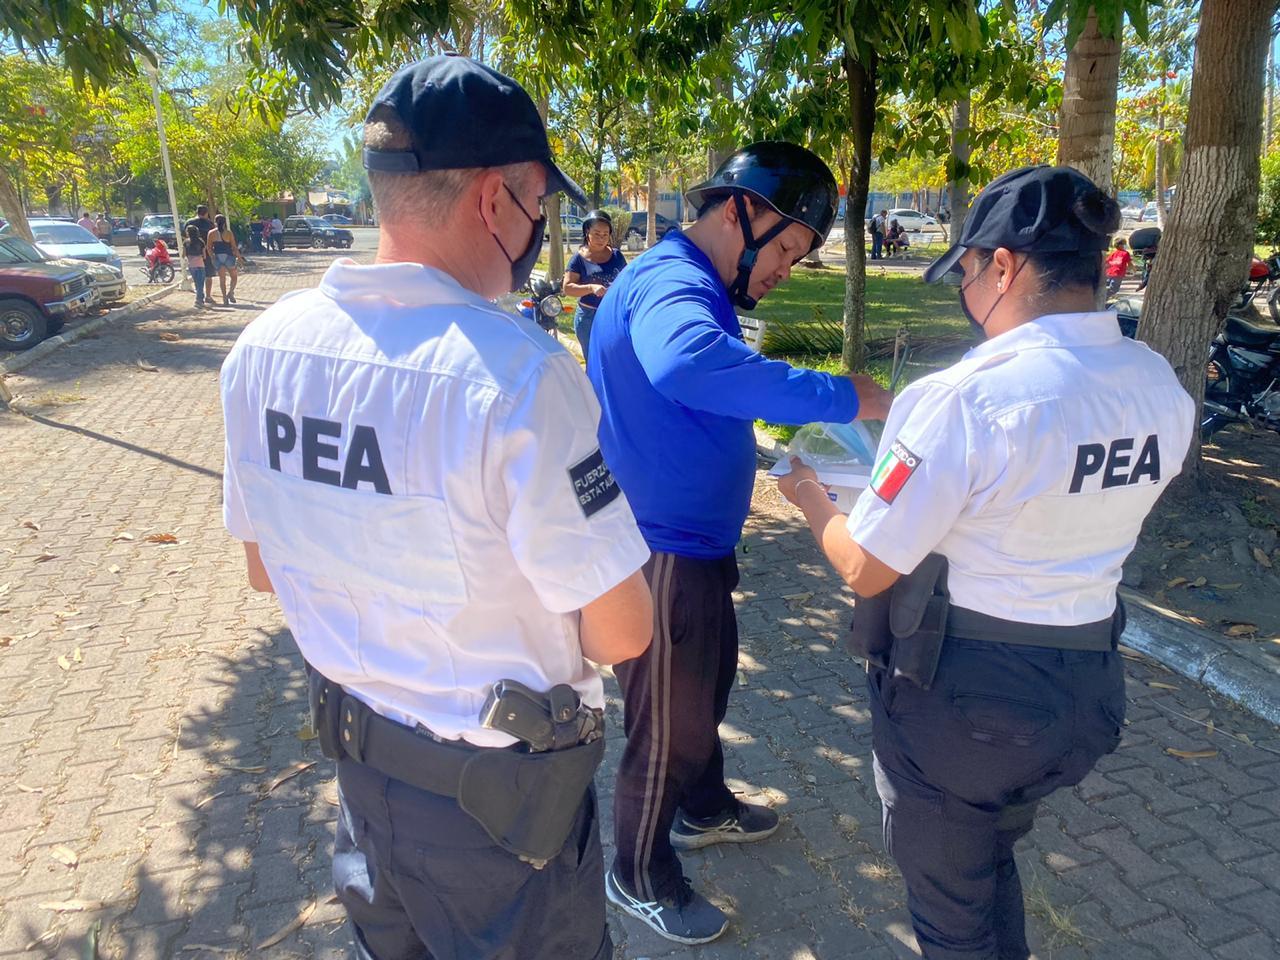 Policía de Proximidad arranca el año con recorridos y patrullajes